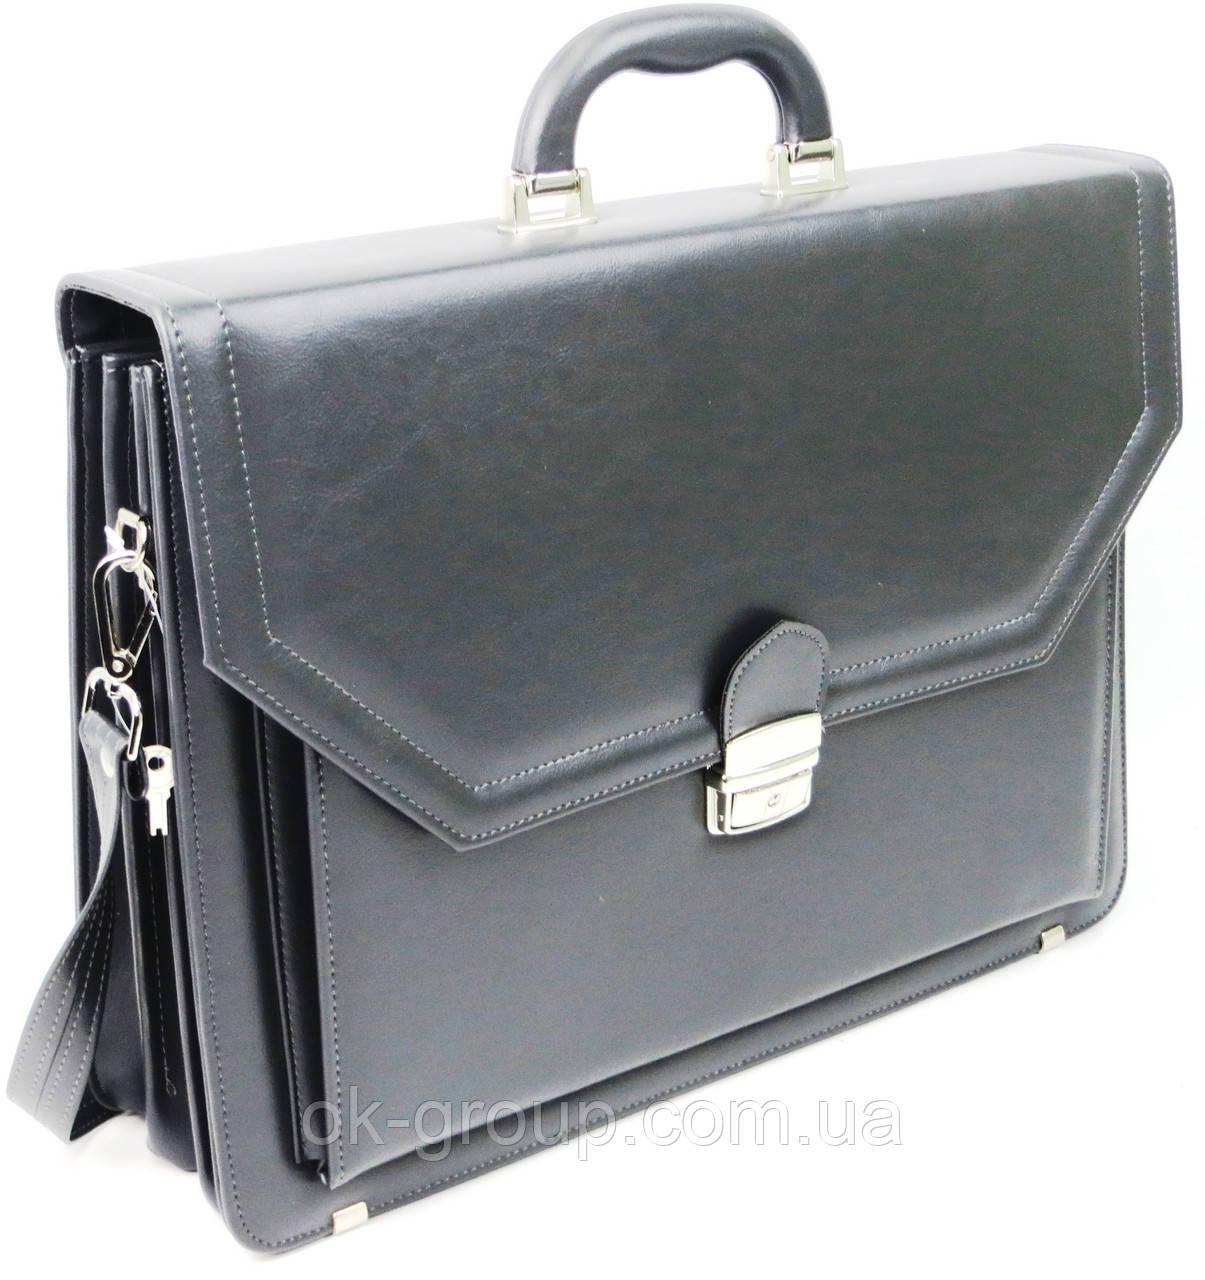 Большой мужской портфель из эко кожи AMO SST01 серый